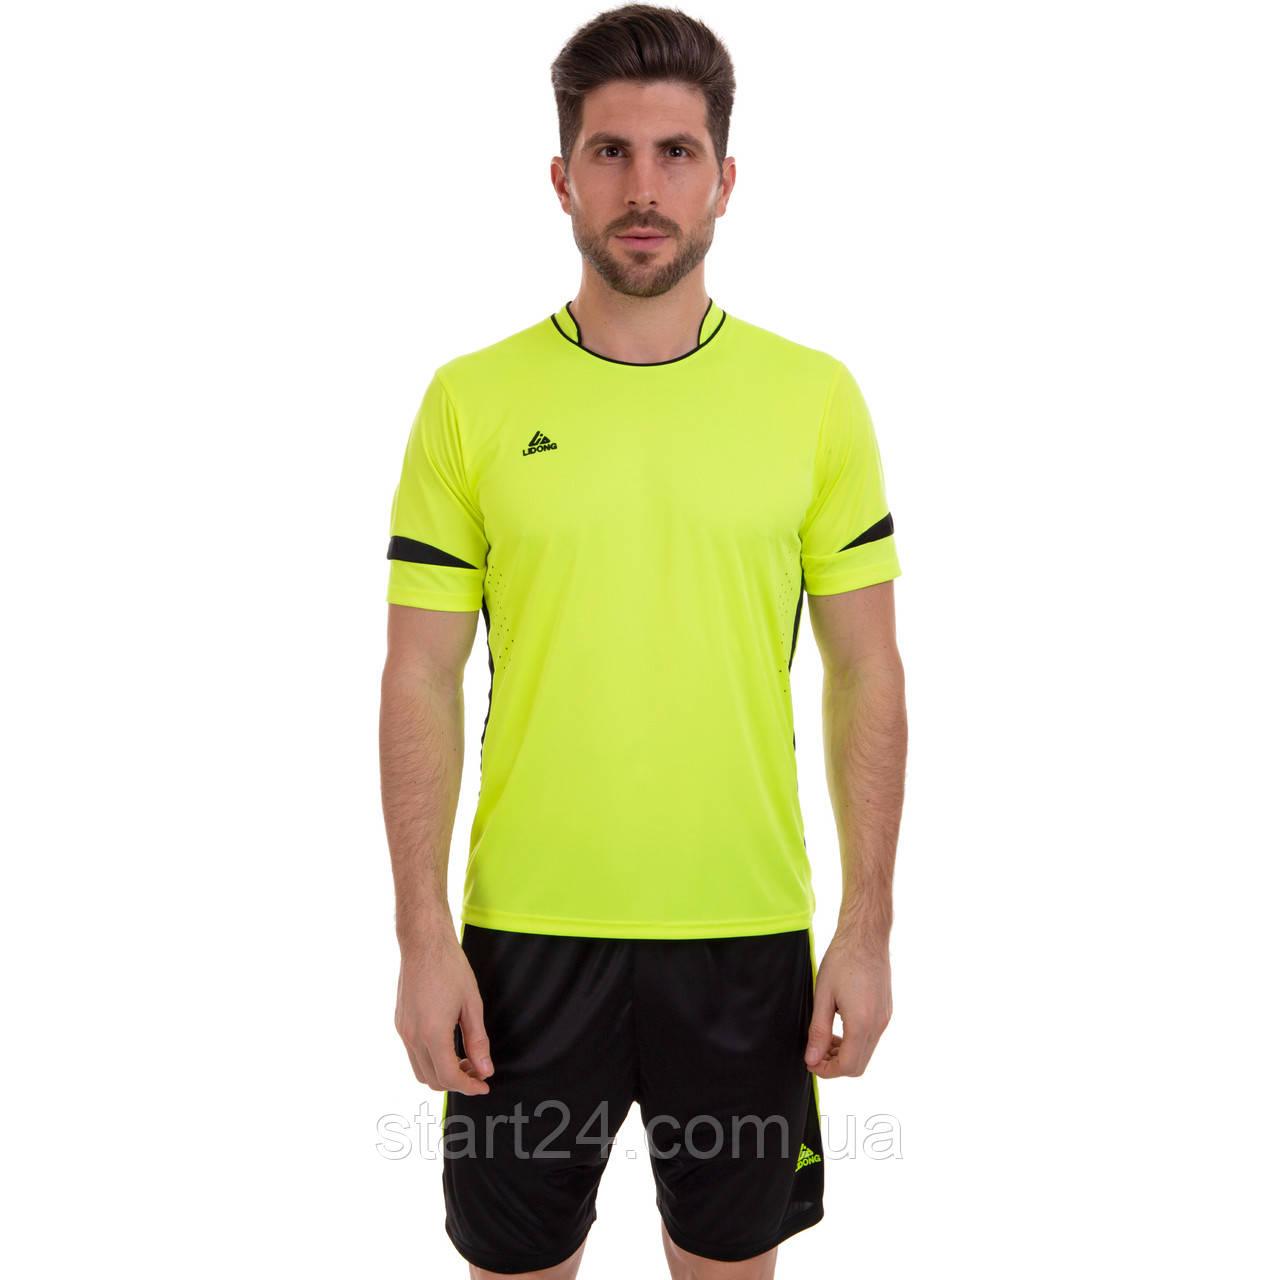 Футбольная форма Lingo LD-5015 (PL, размер M-3XL, рост 165-190, цвета в ассортименте)